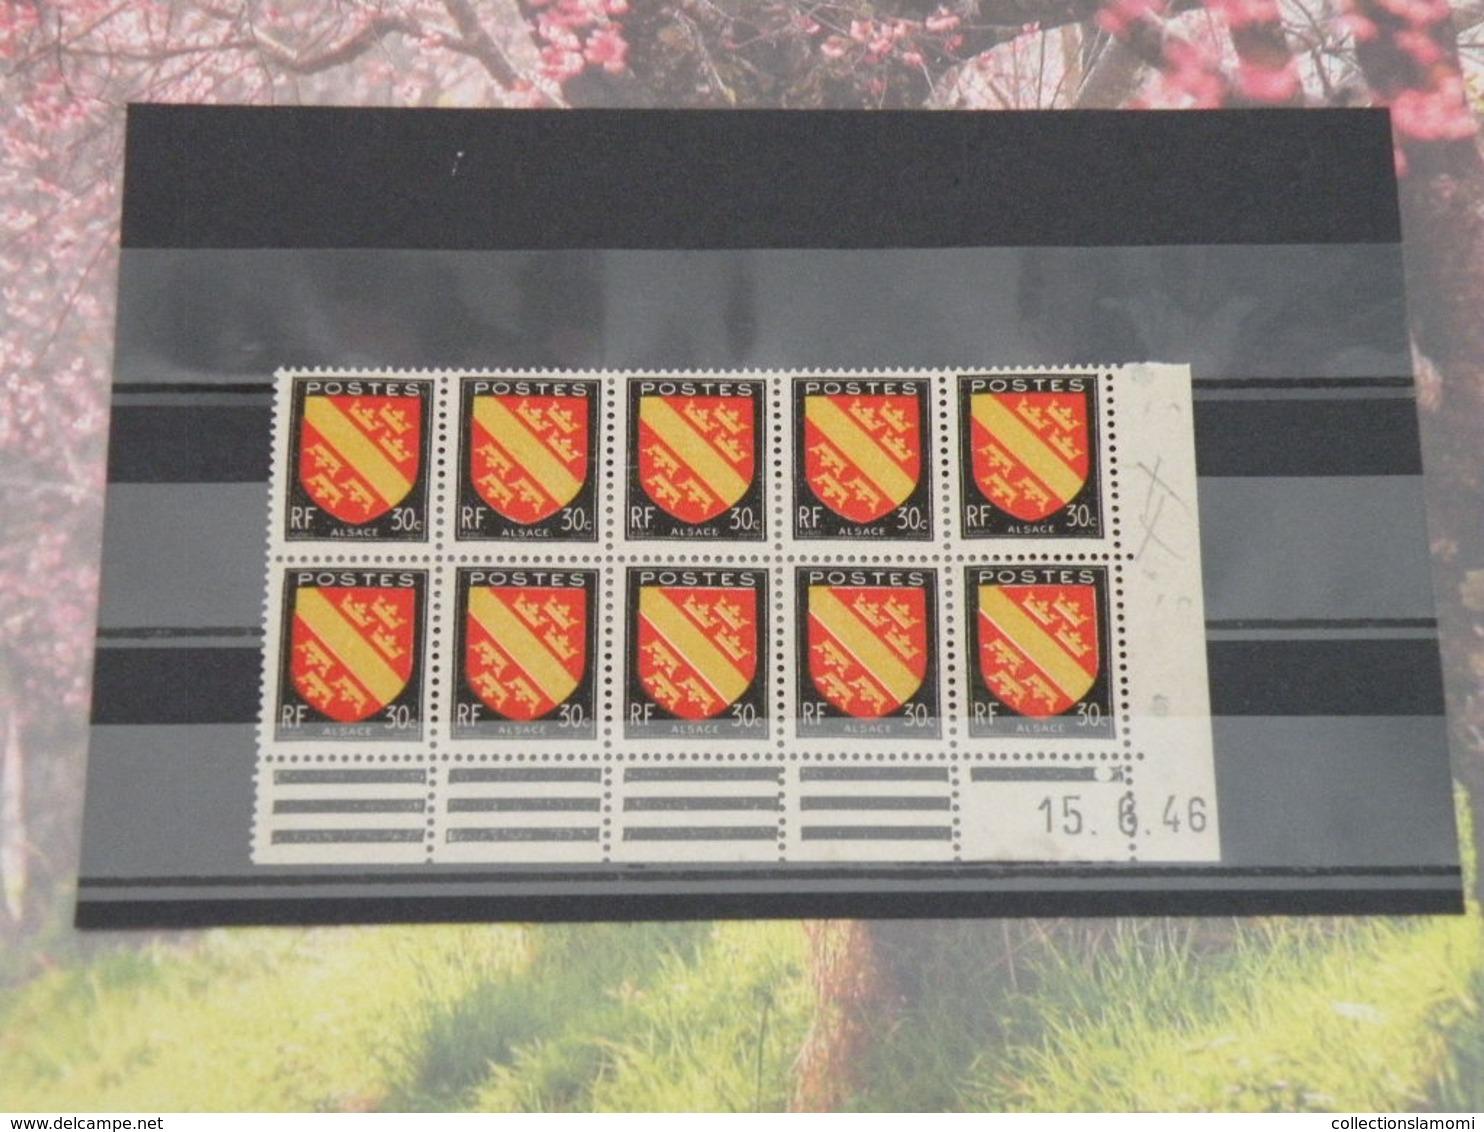 Coins Datés 10 Valeur - 15.6.1946 Neuf - N°46 Y&T Timbres - Coté ..€ - 1940-1949